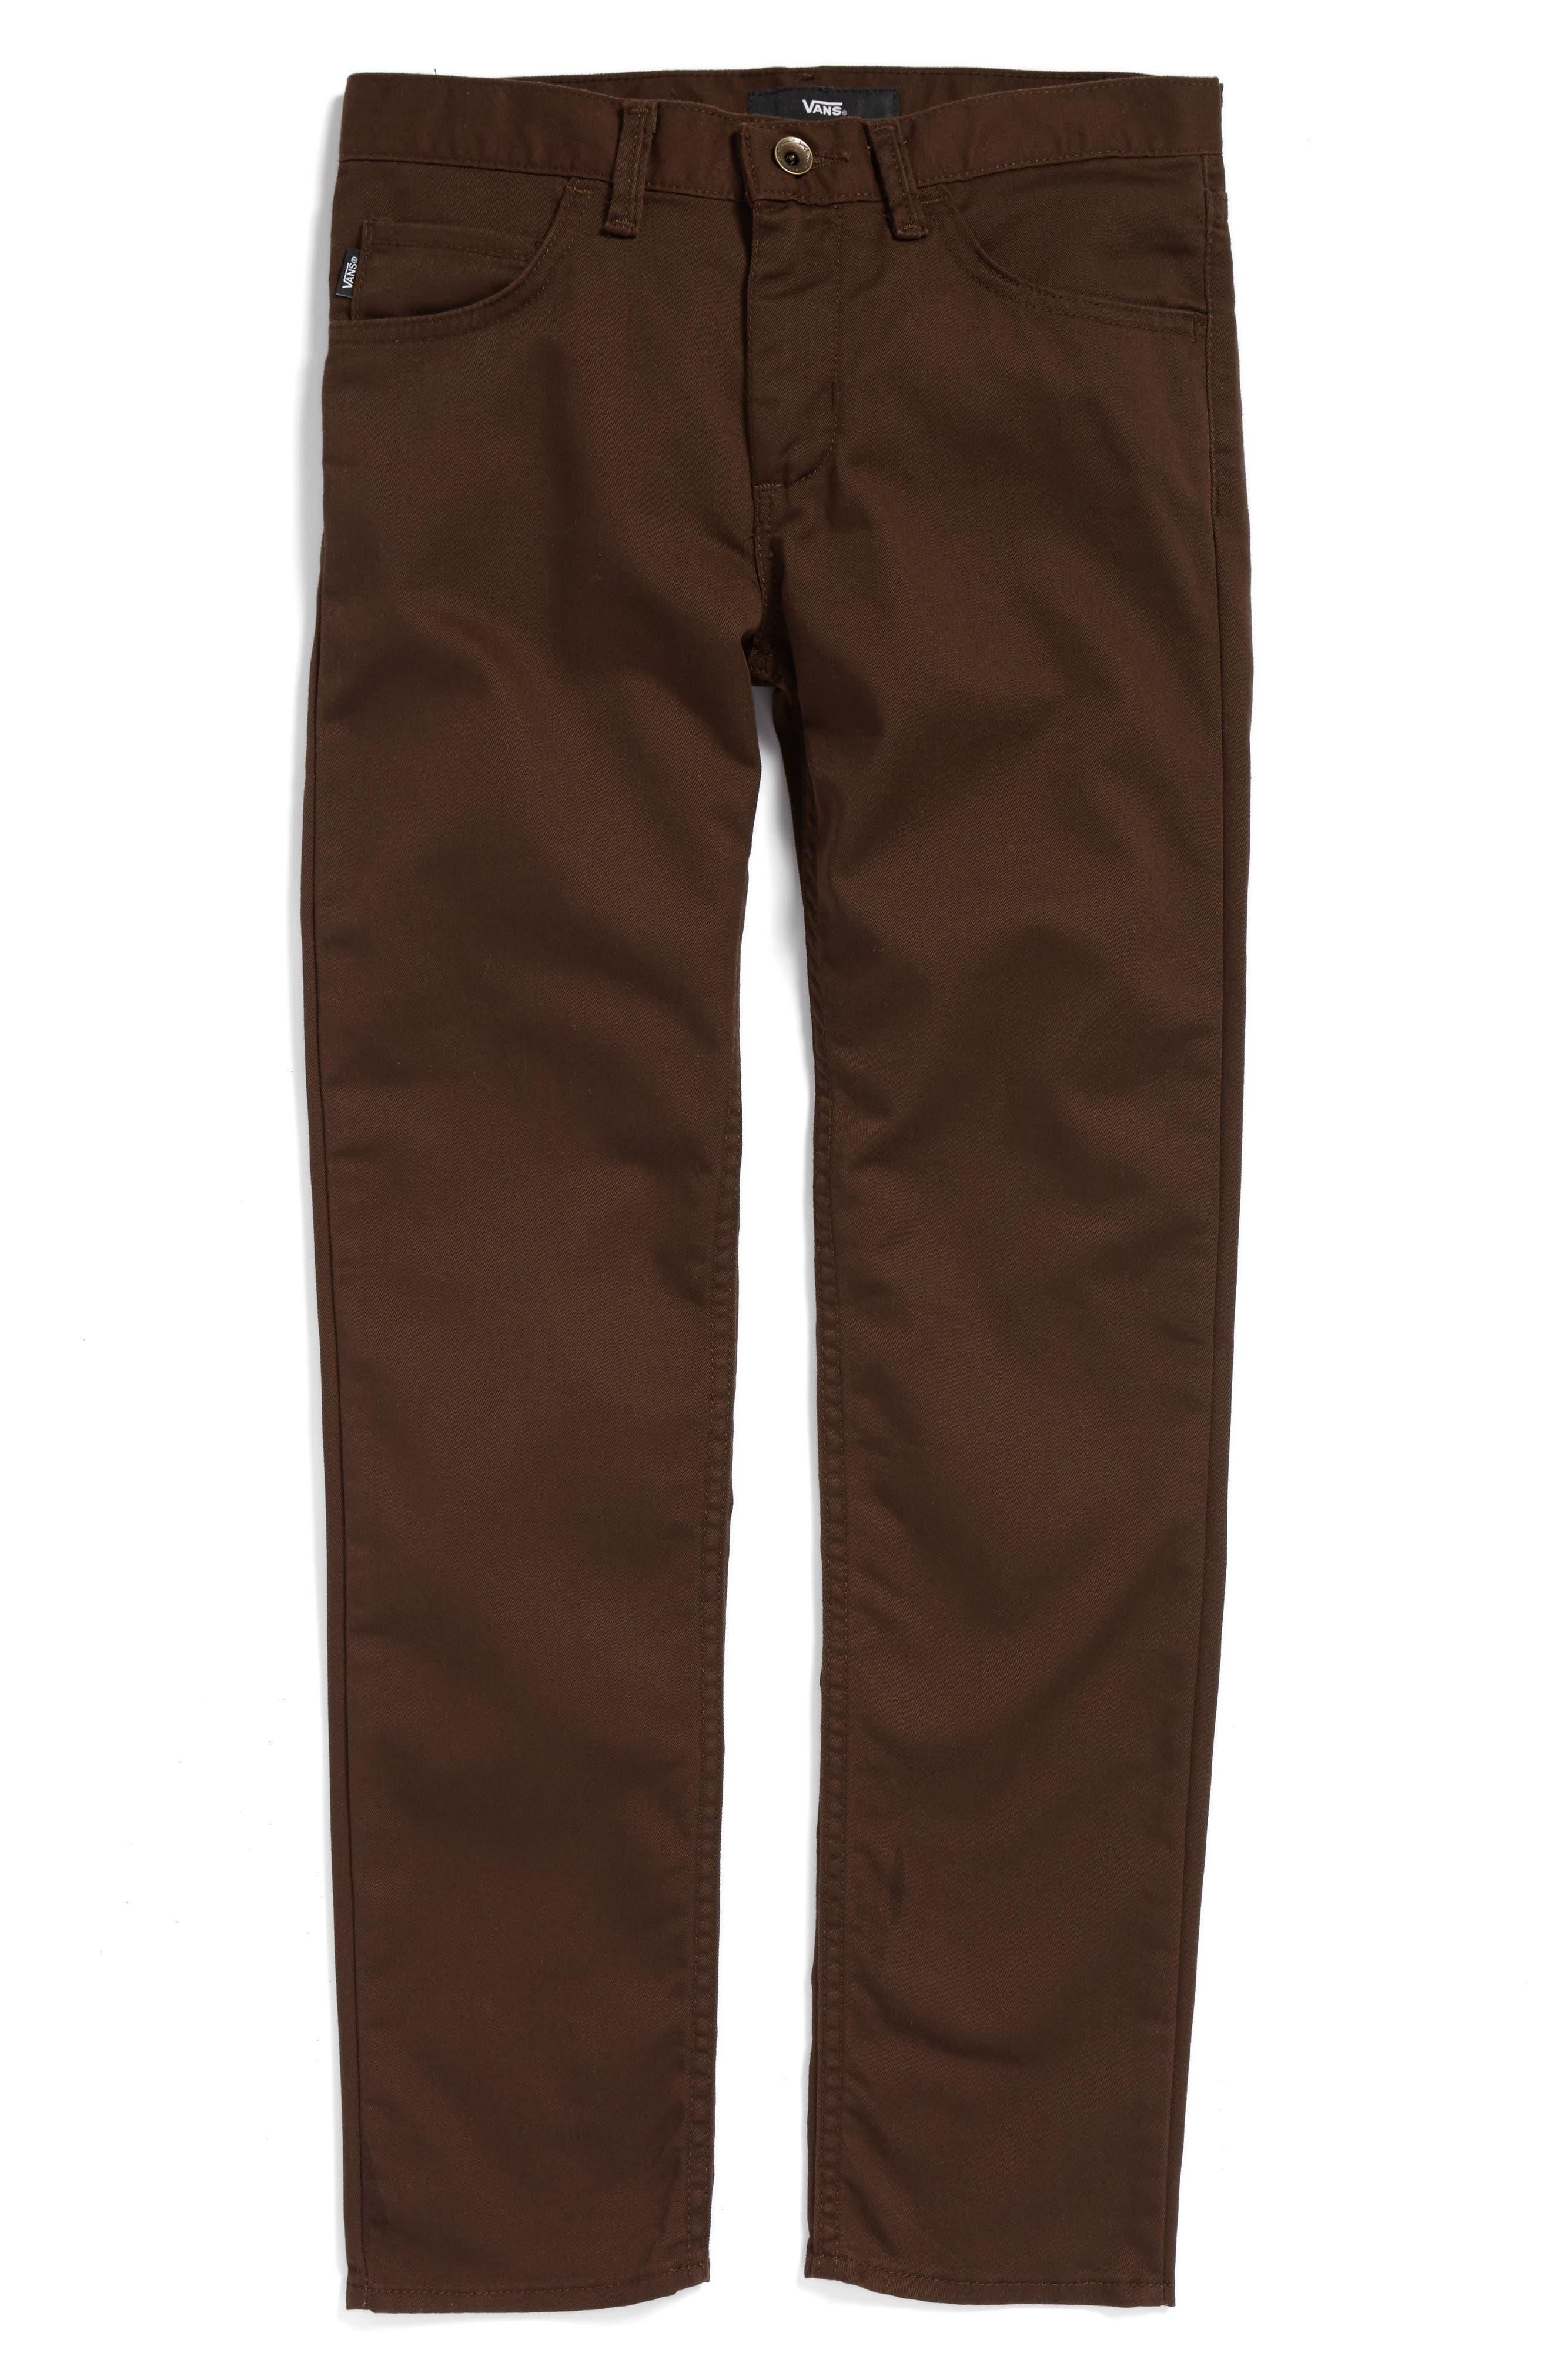 'V56 Standard AV Covina' Pants,                         Main,                         color, 201